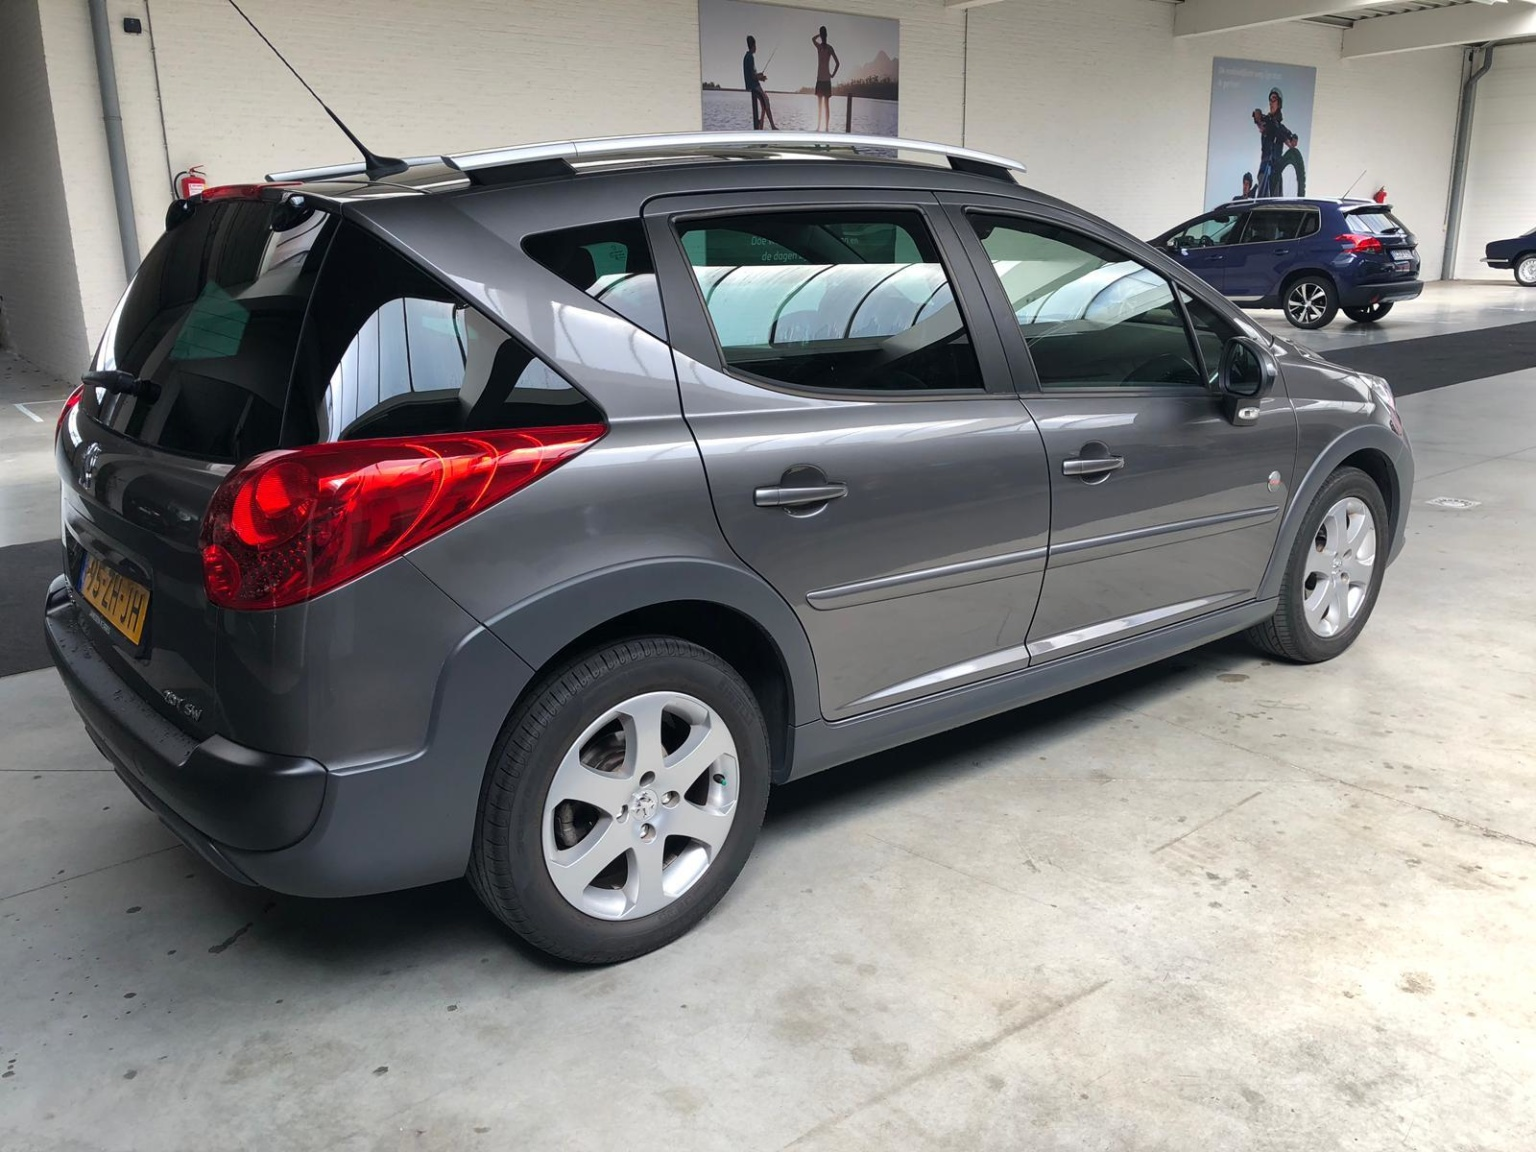 Peugeot-207-6